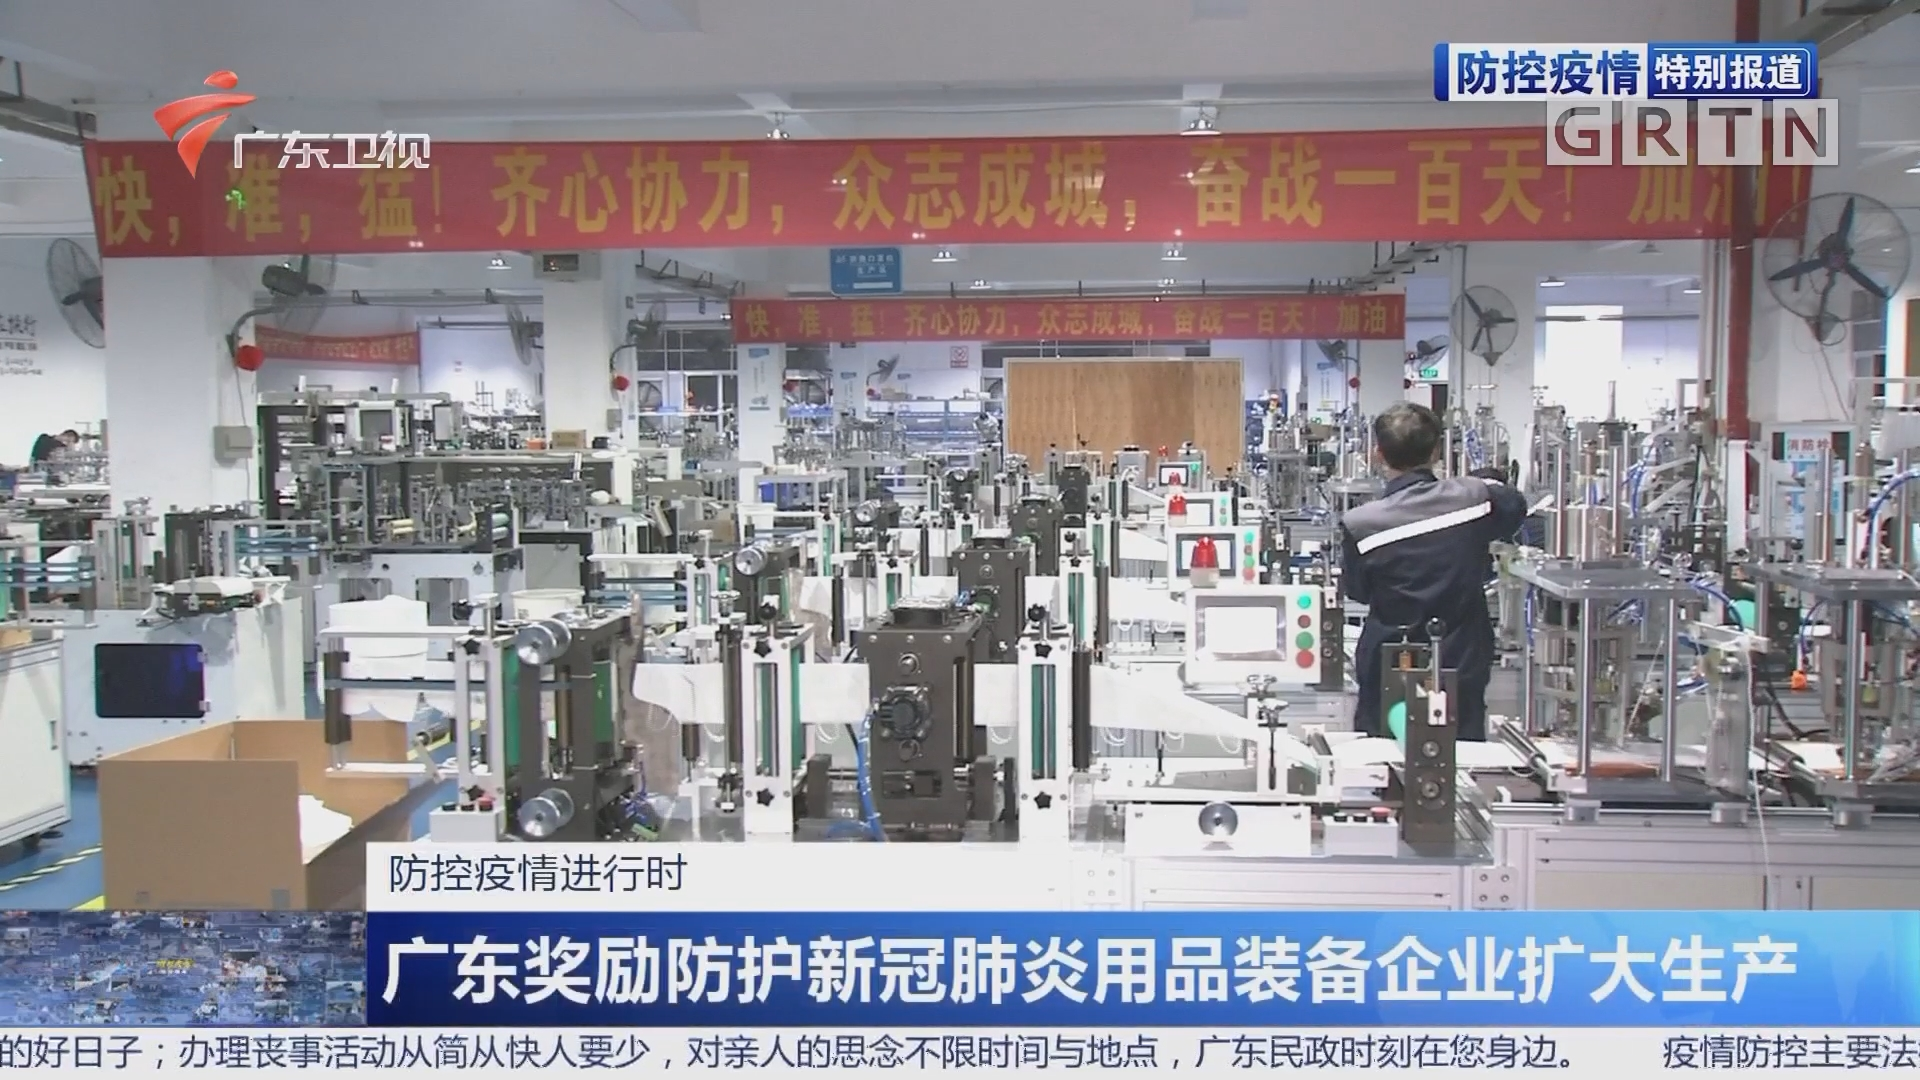 广东奖励防护新冠肺炎用品装备企业扩大生产